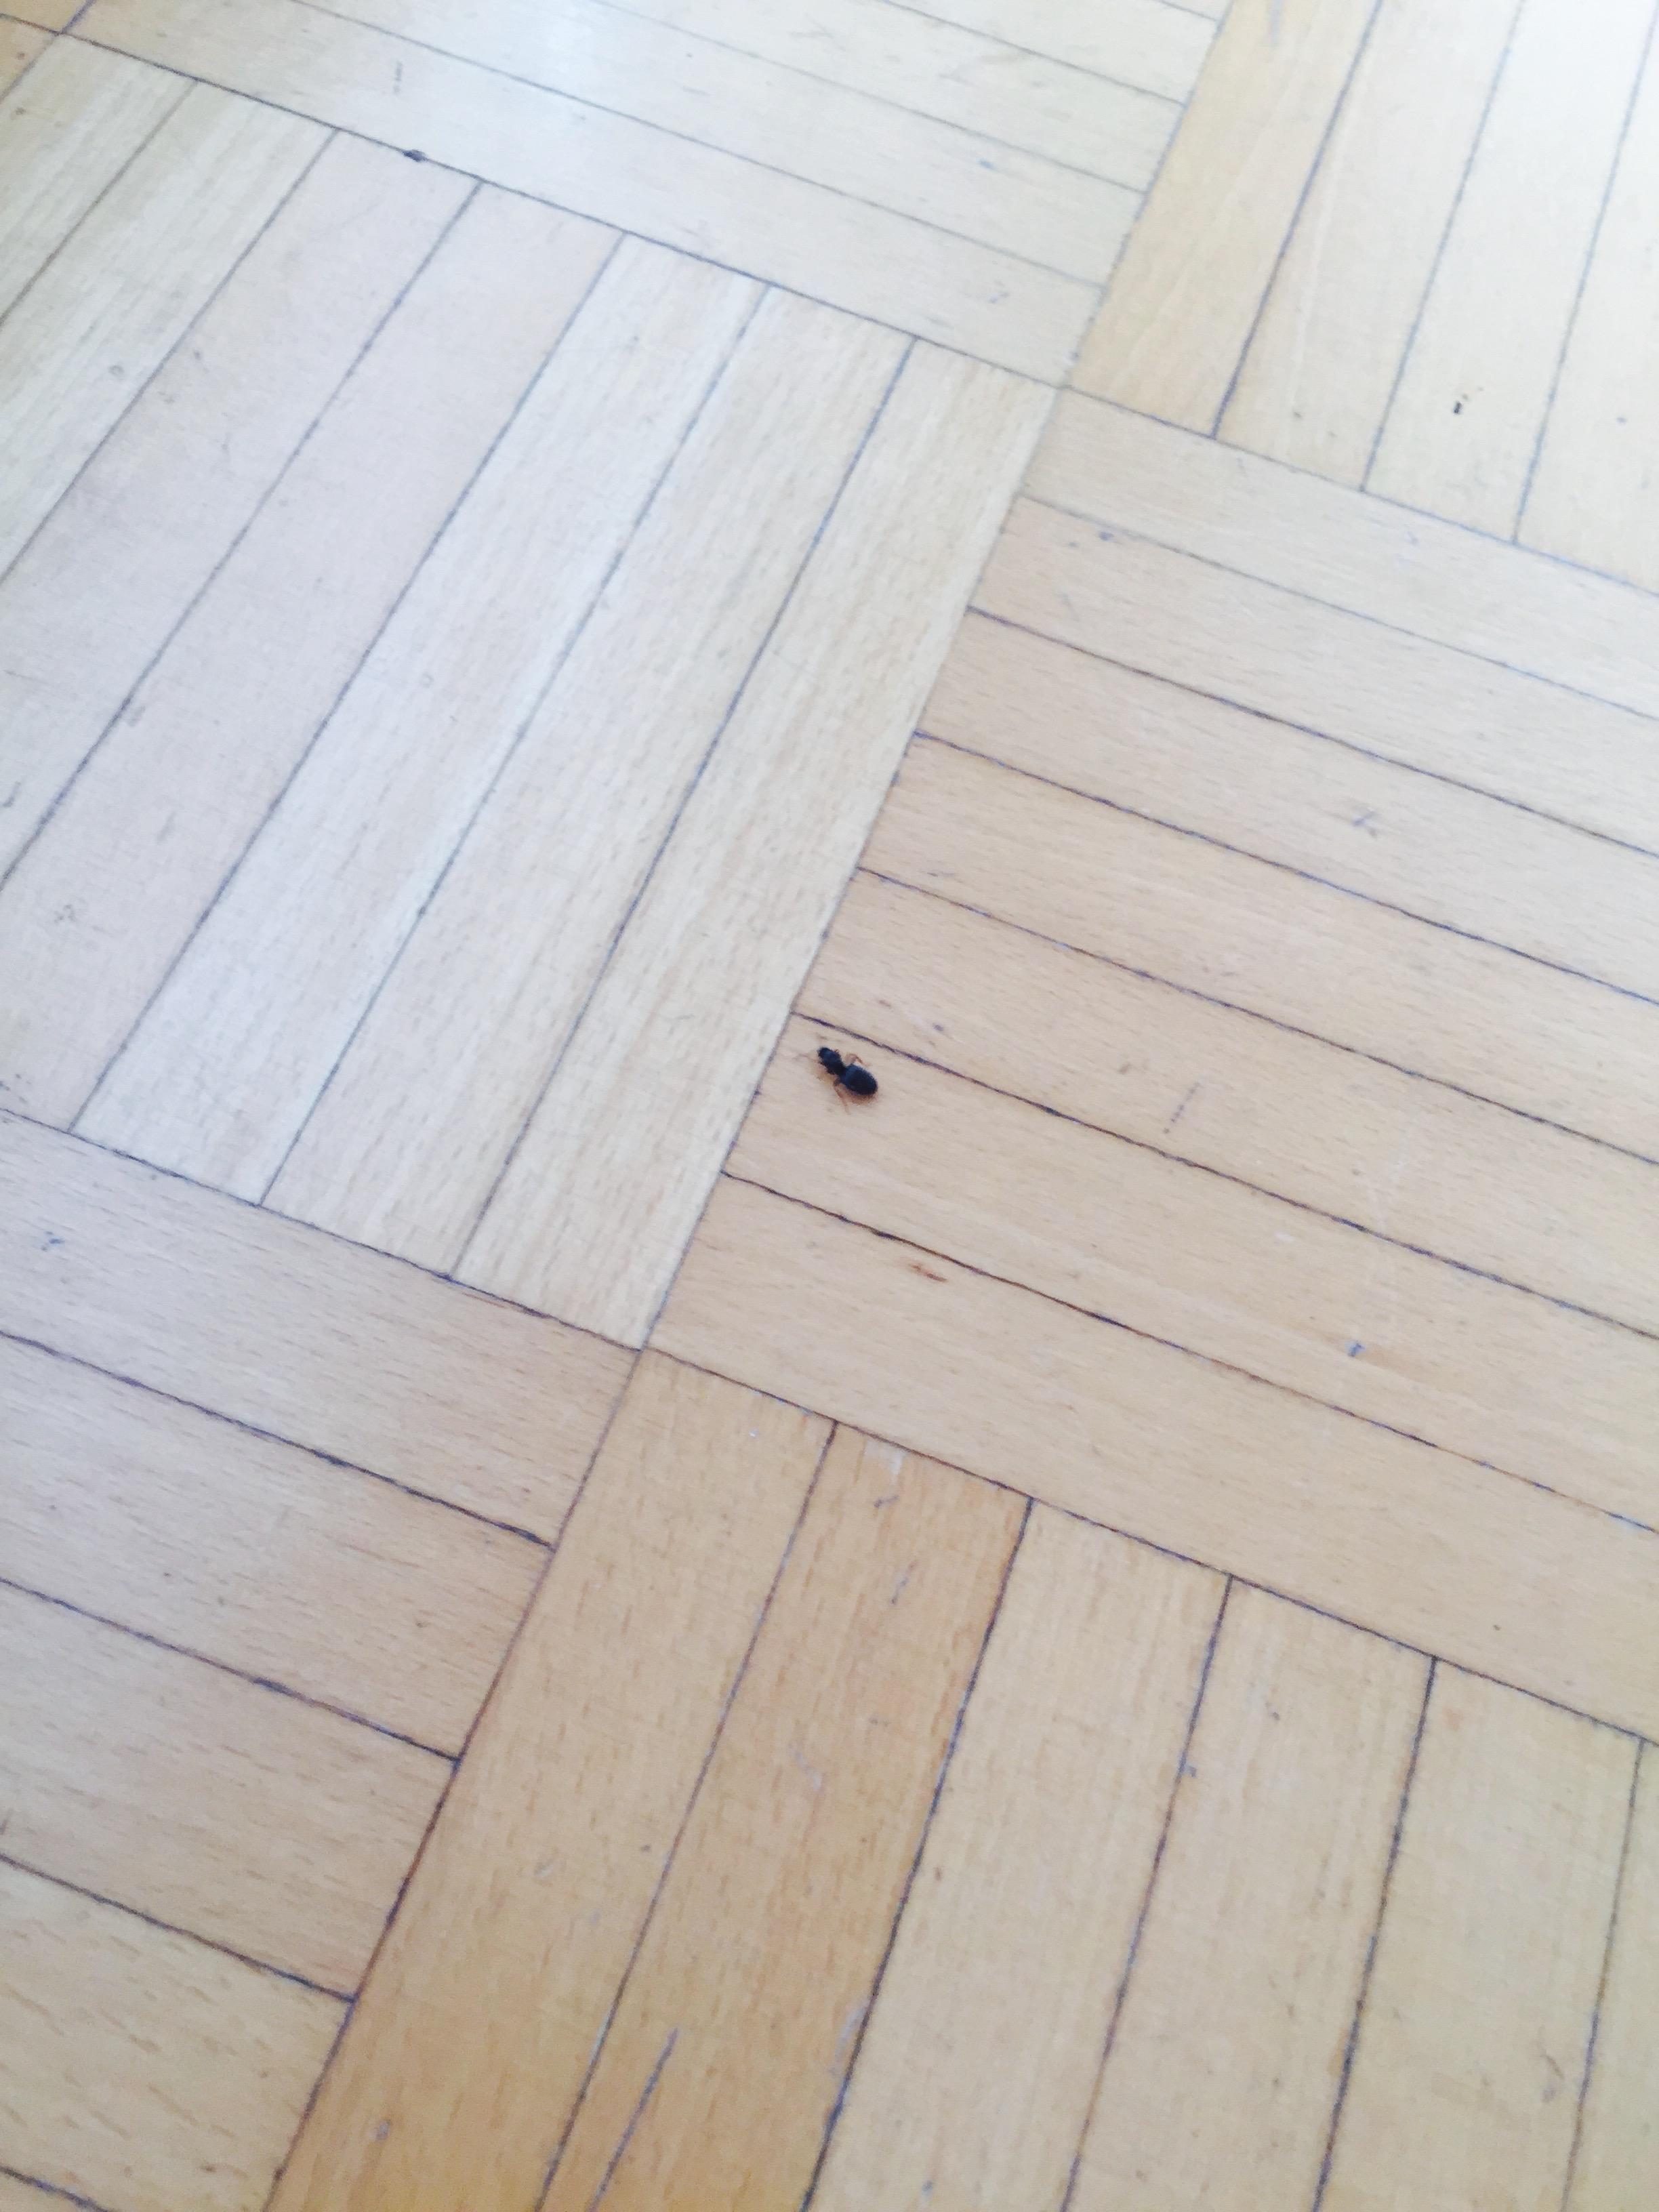 schwarze käfer/ameisen mit flügeln in der erde ... - Kleine Ameisen In Der Küche